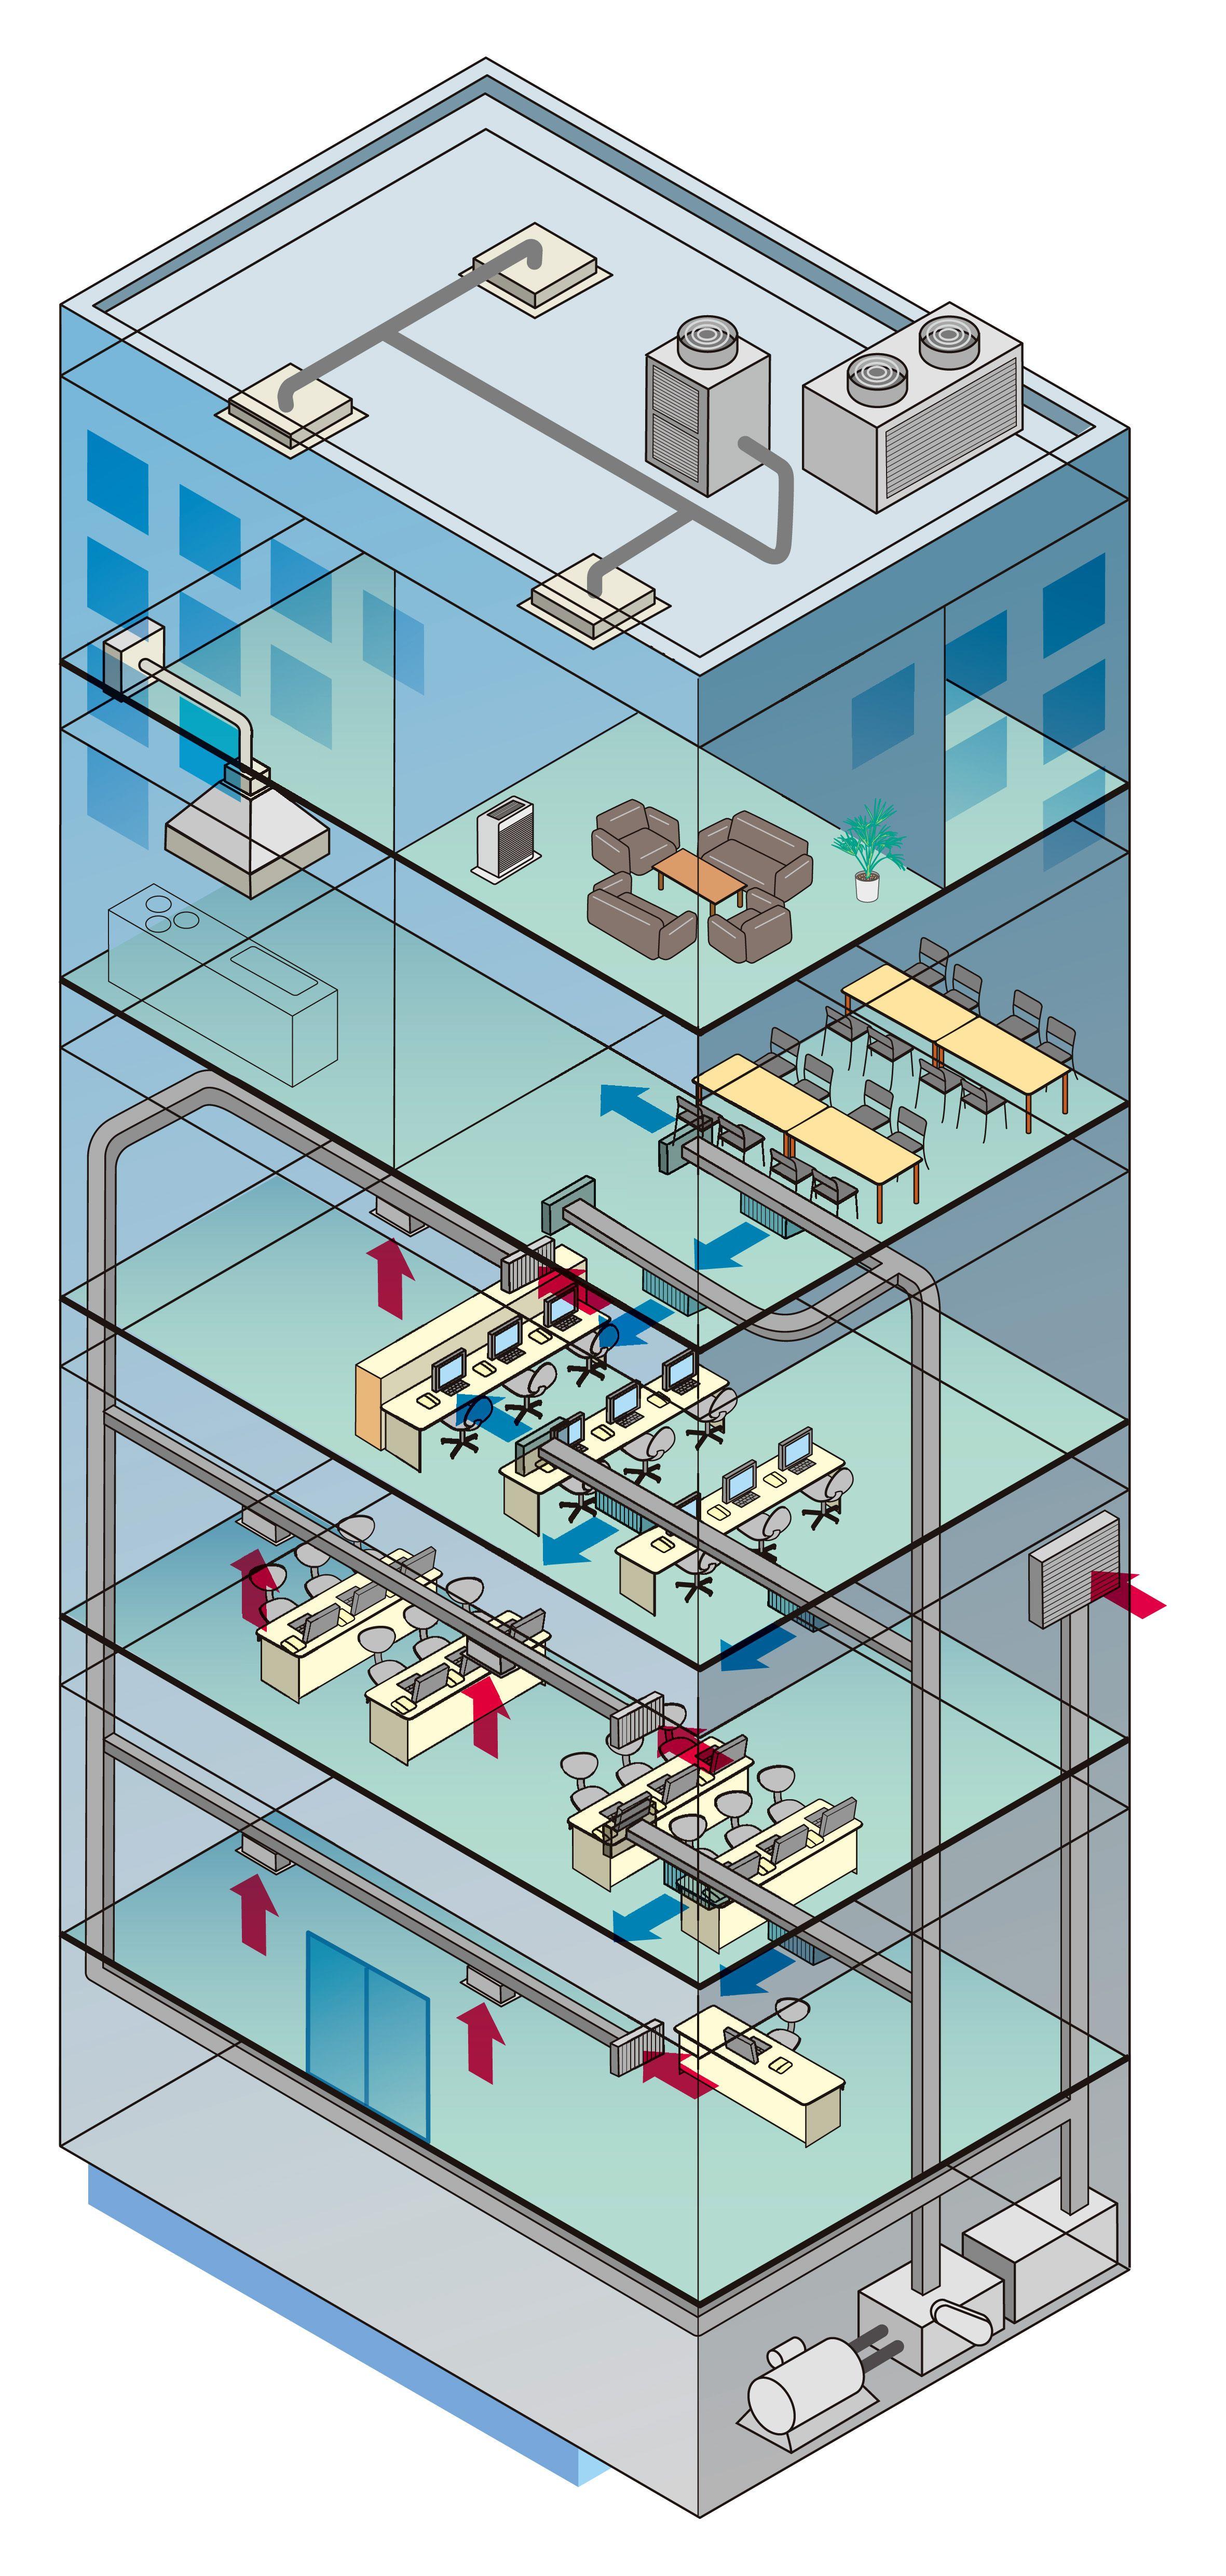 イラスト パース 透視図 アイソメ図 説明図 断面図 構造図 建築 建物